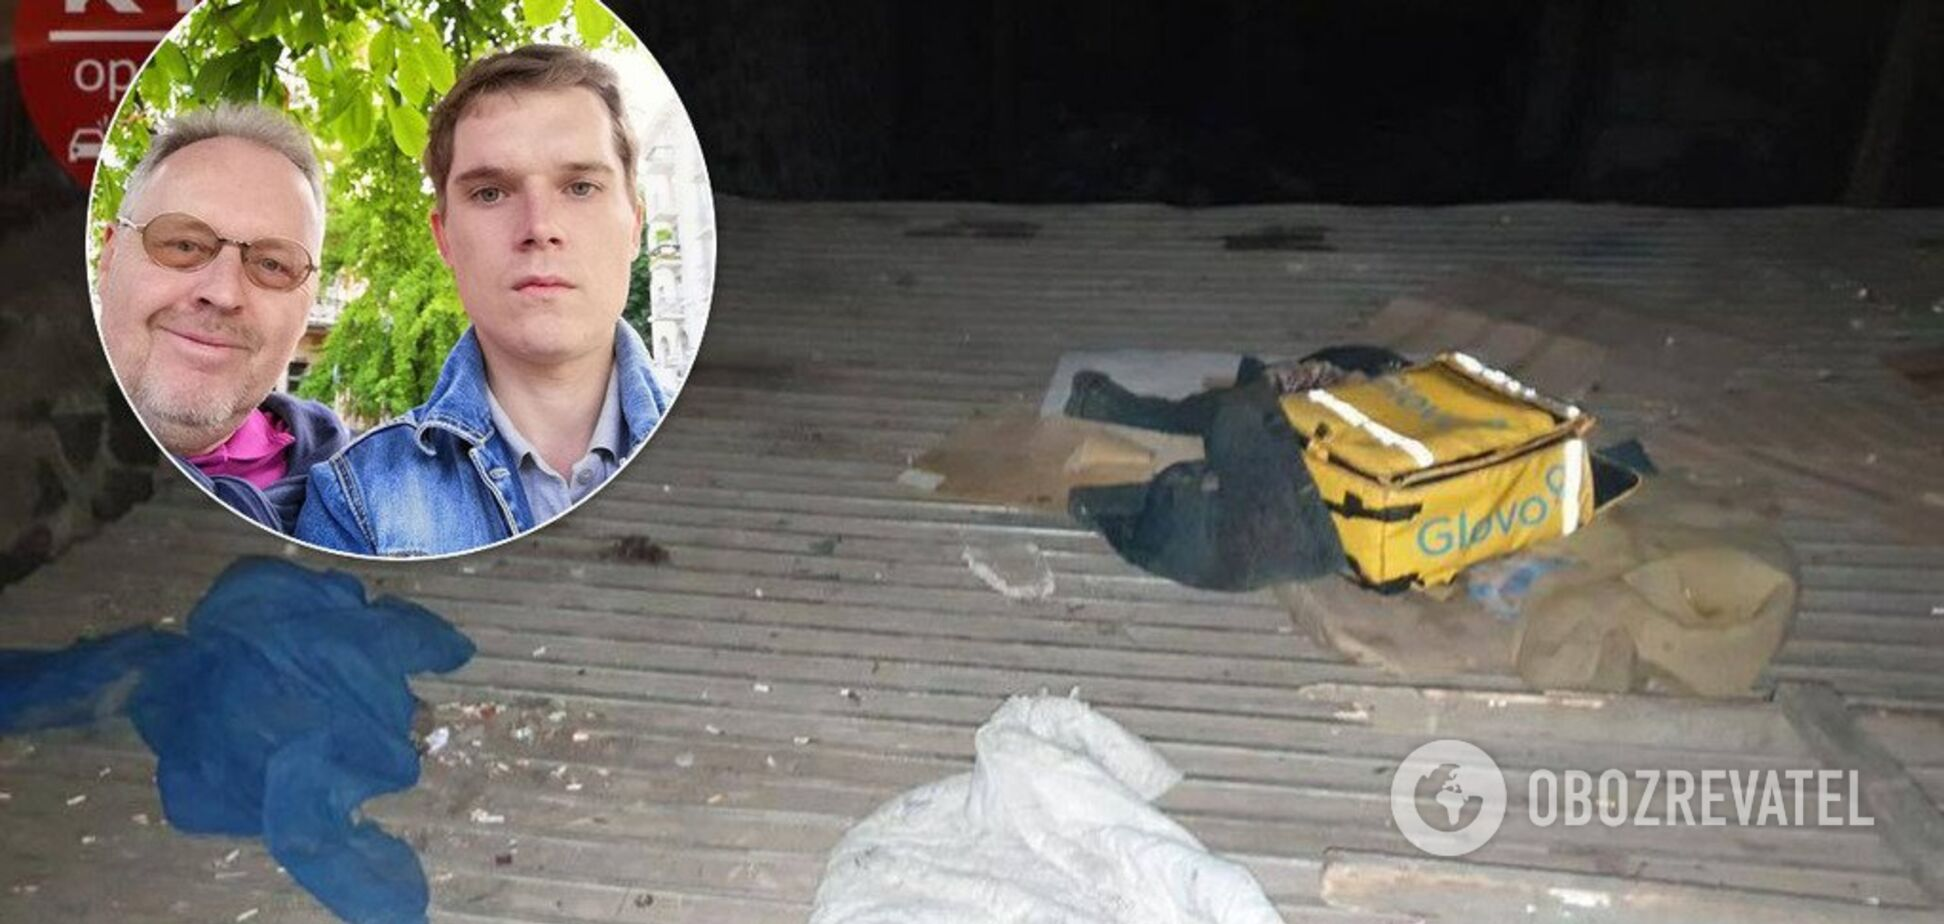 Отец погибшего в Киеве курьера Glovo озвучил свою версию трагедии